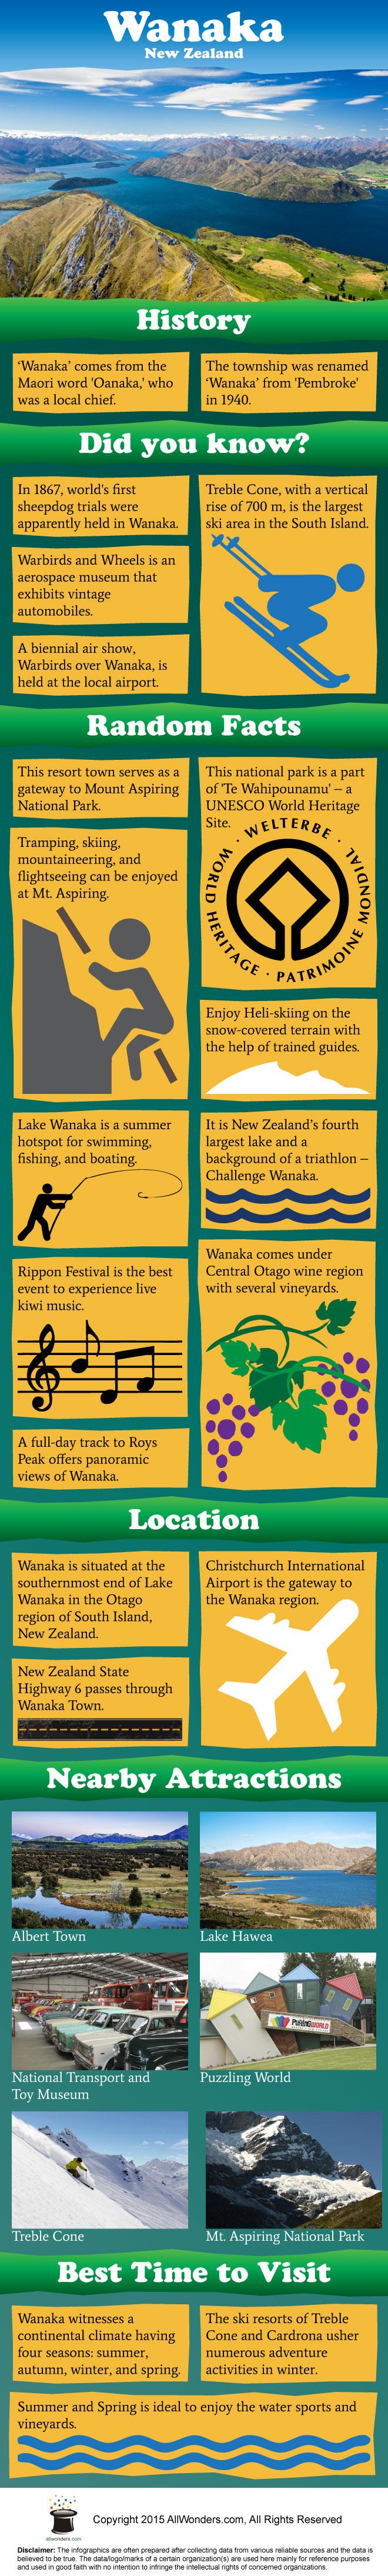 Wanaka Infographic